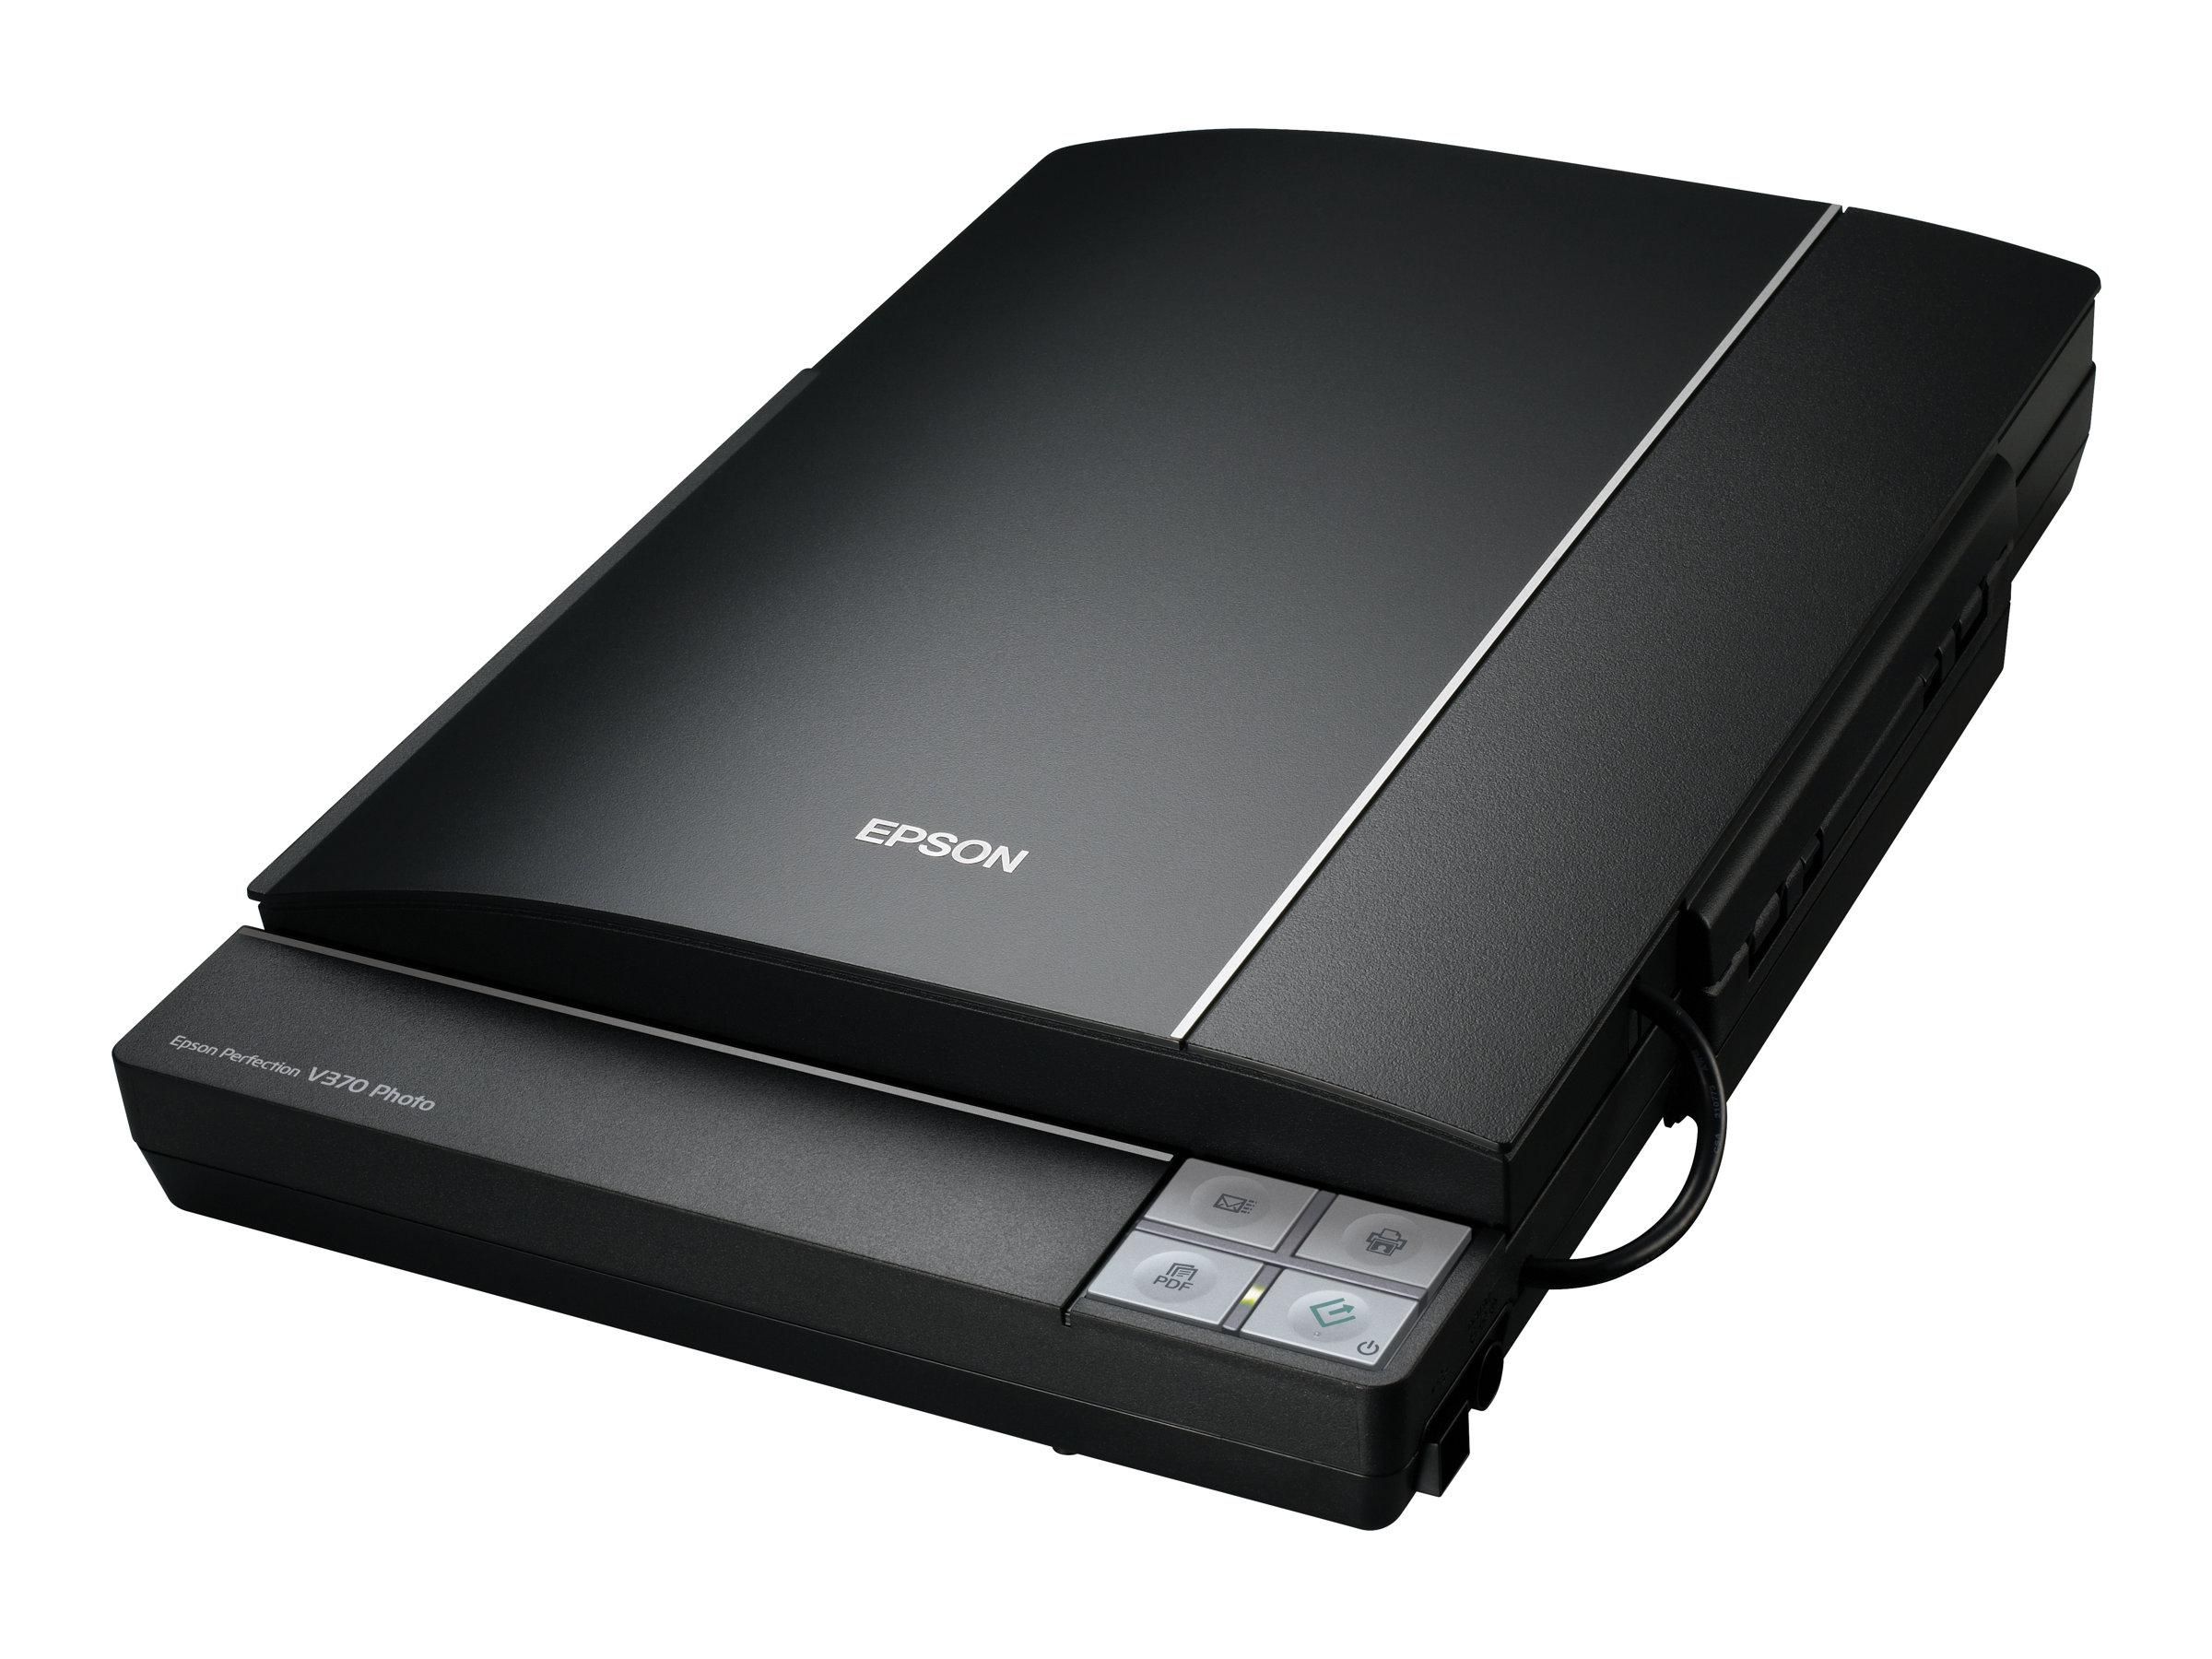 Epson Perfection V370 Photo - Flachbettscanner - A4 - 4800 dpi x 9600 dpi - USB 2.0